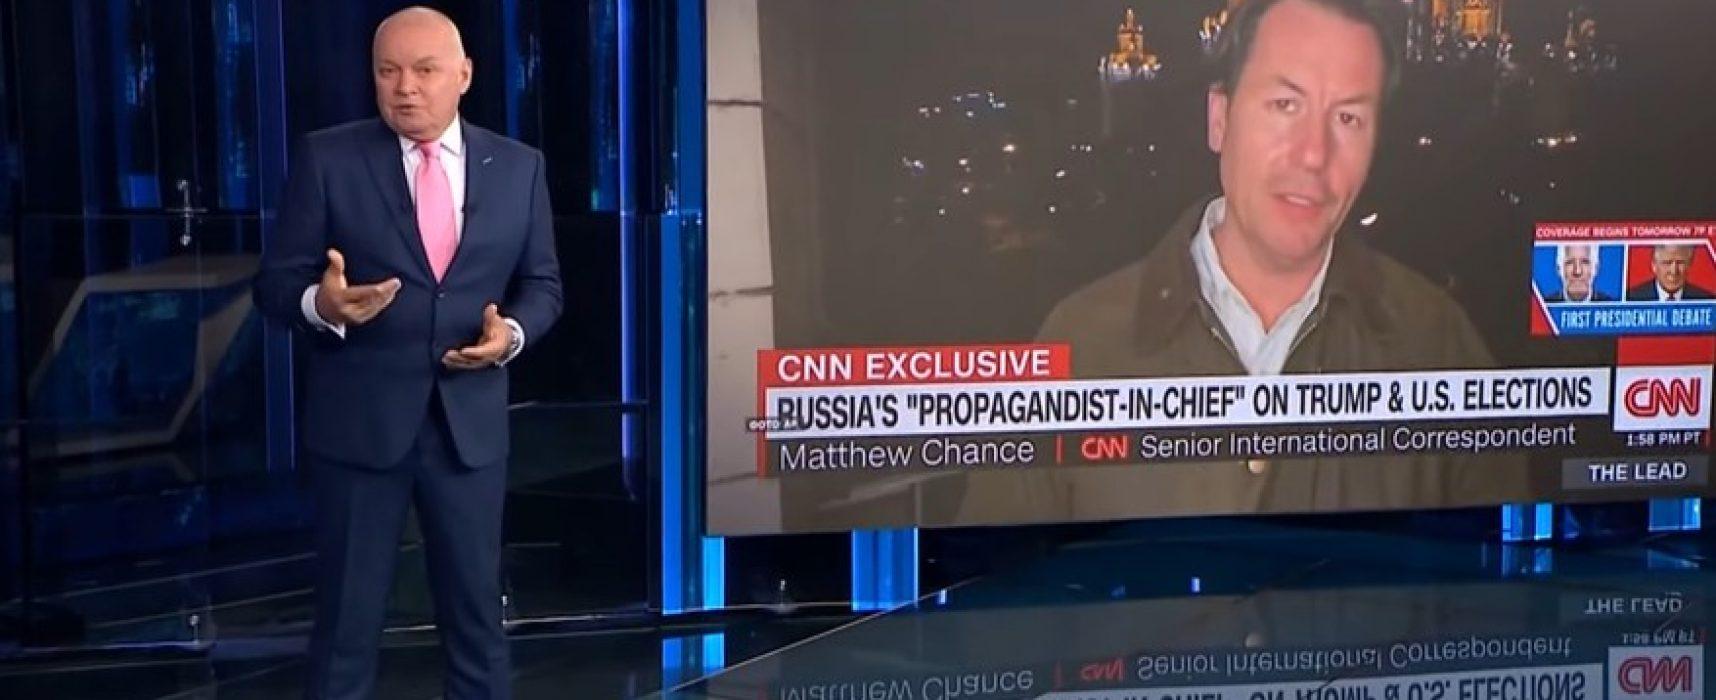 Фейк Дмитрия Киселева: корреспондент CNN исказил смысл его слов о «радиоактивном пепле»